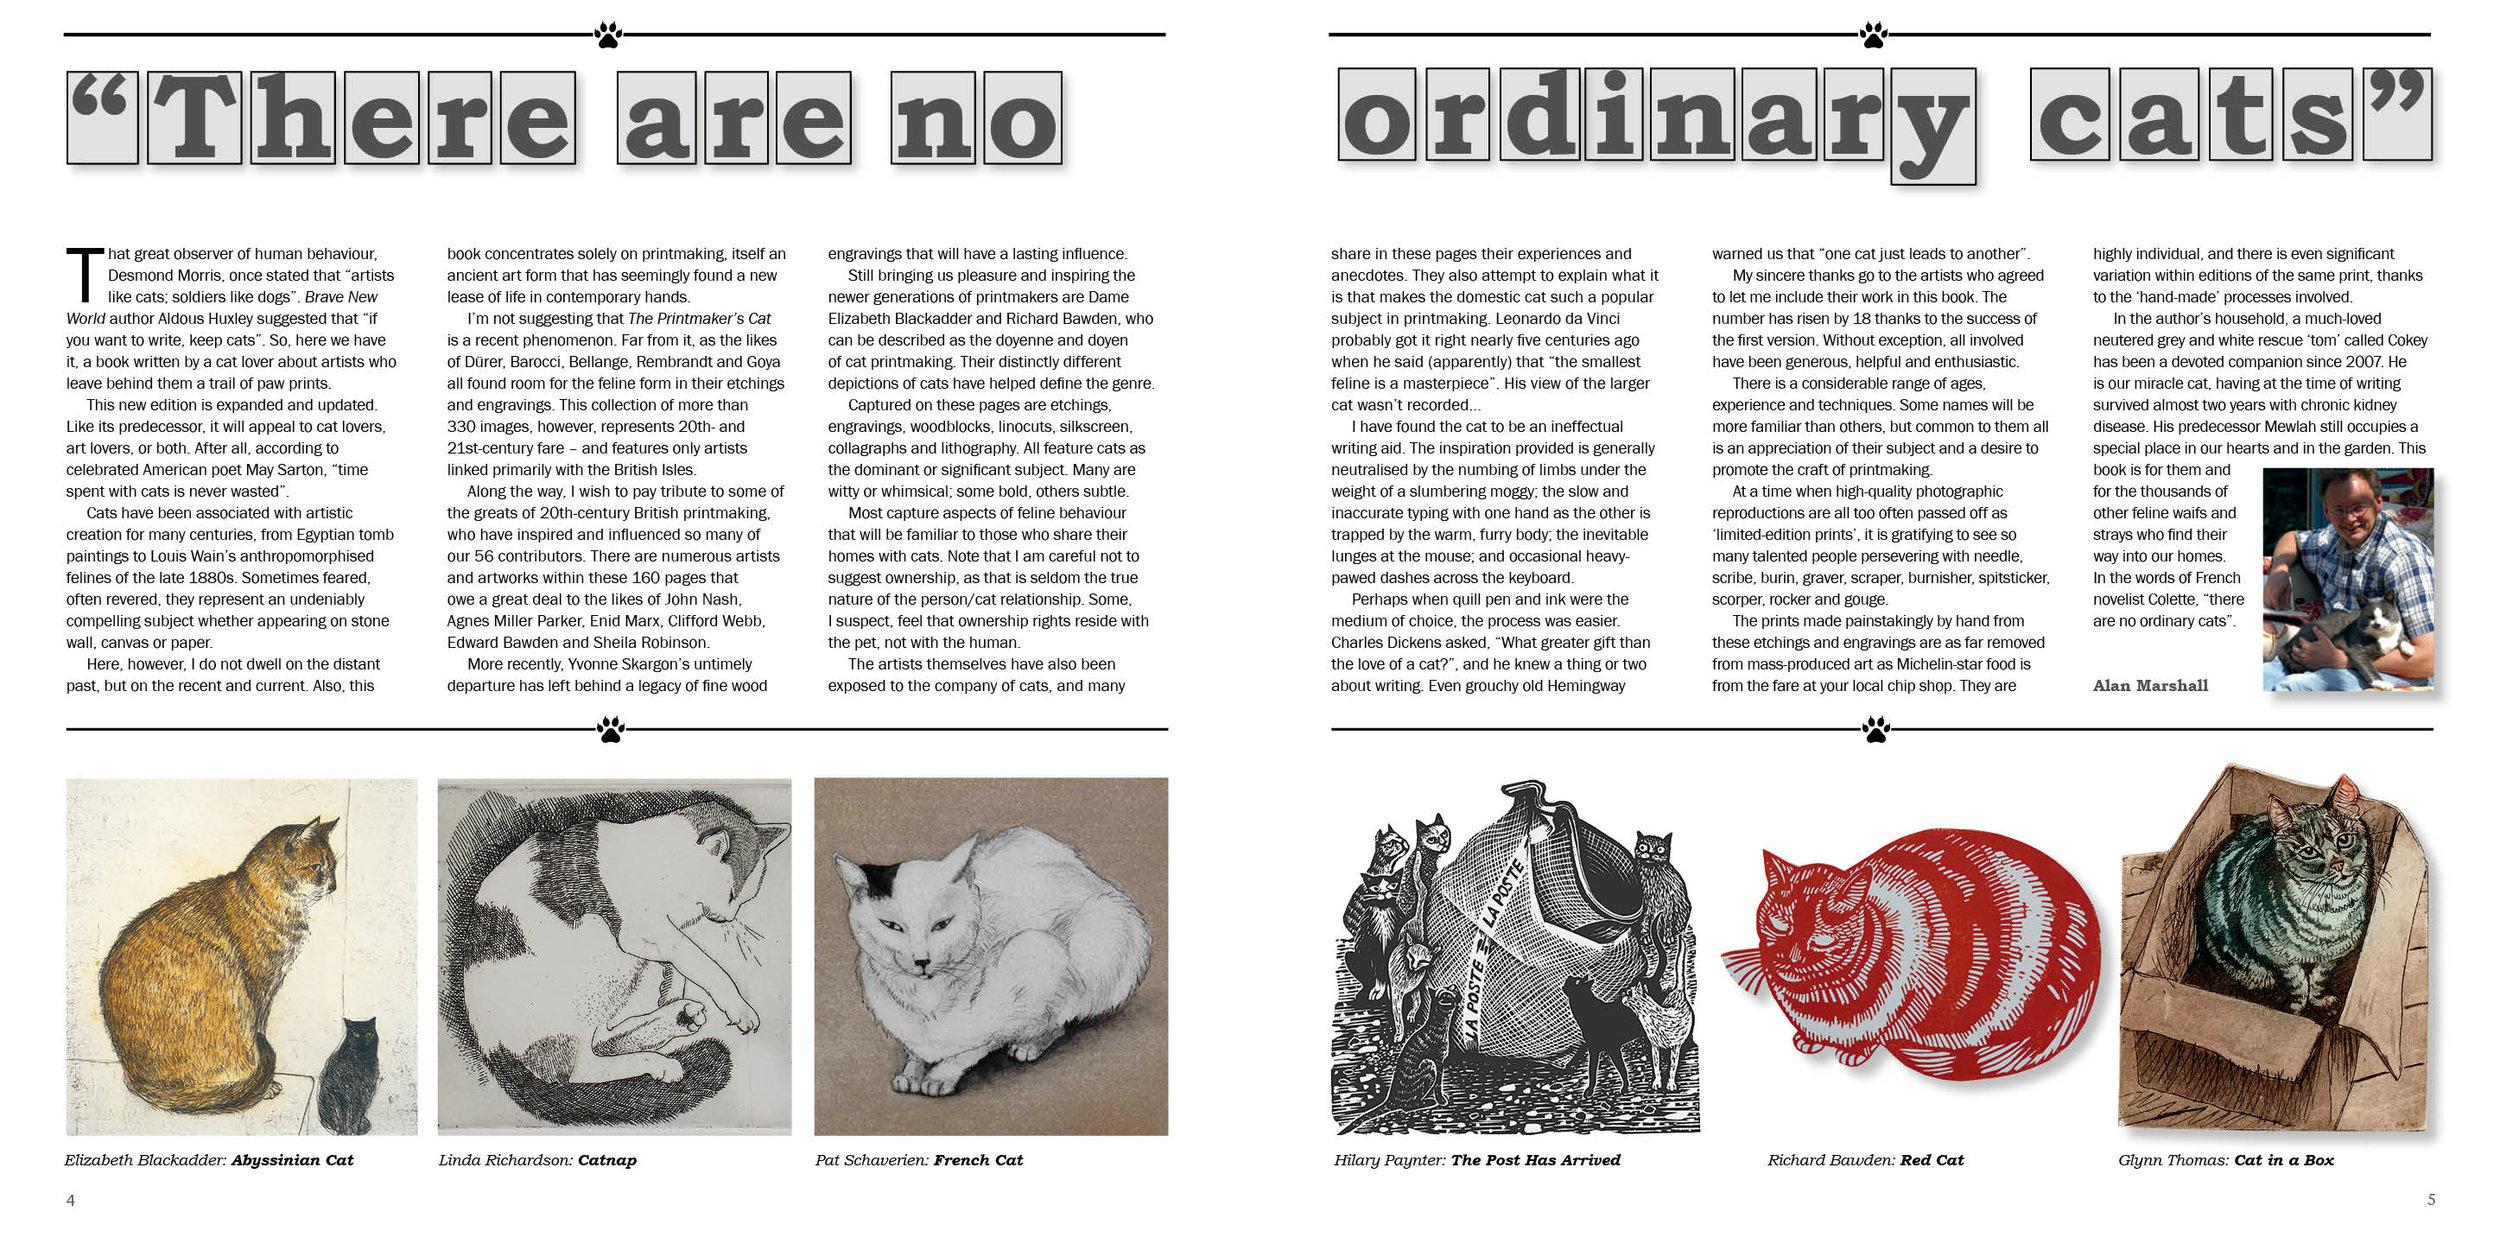 No Ordinary cats.jpg